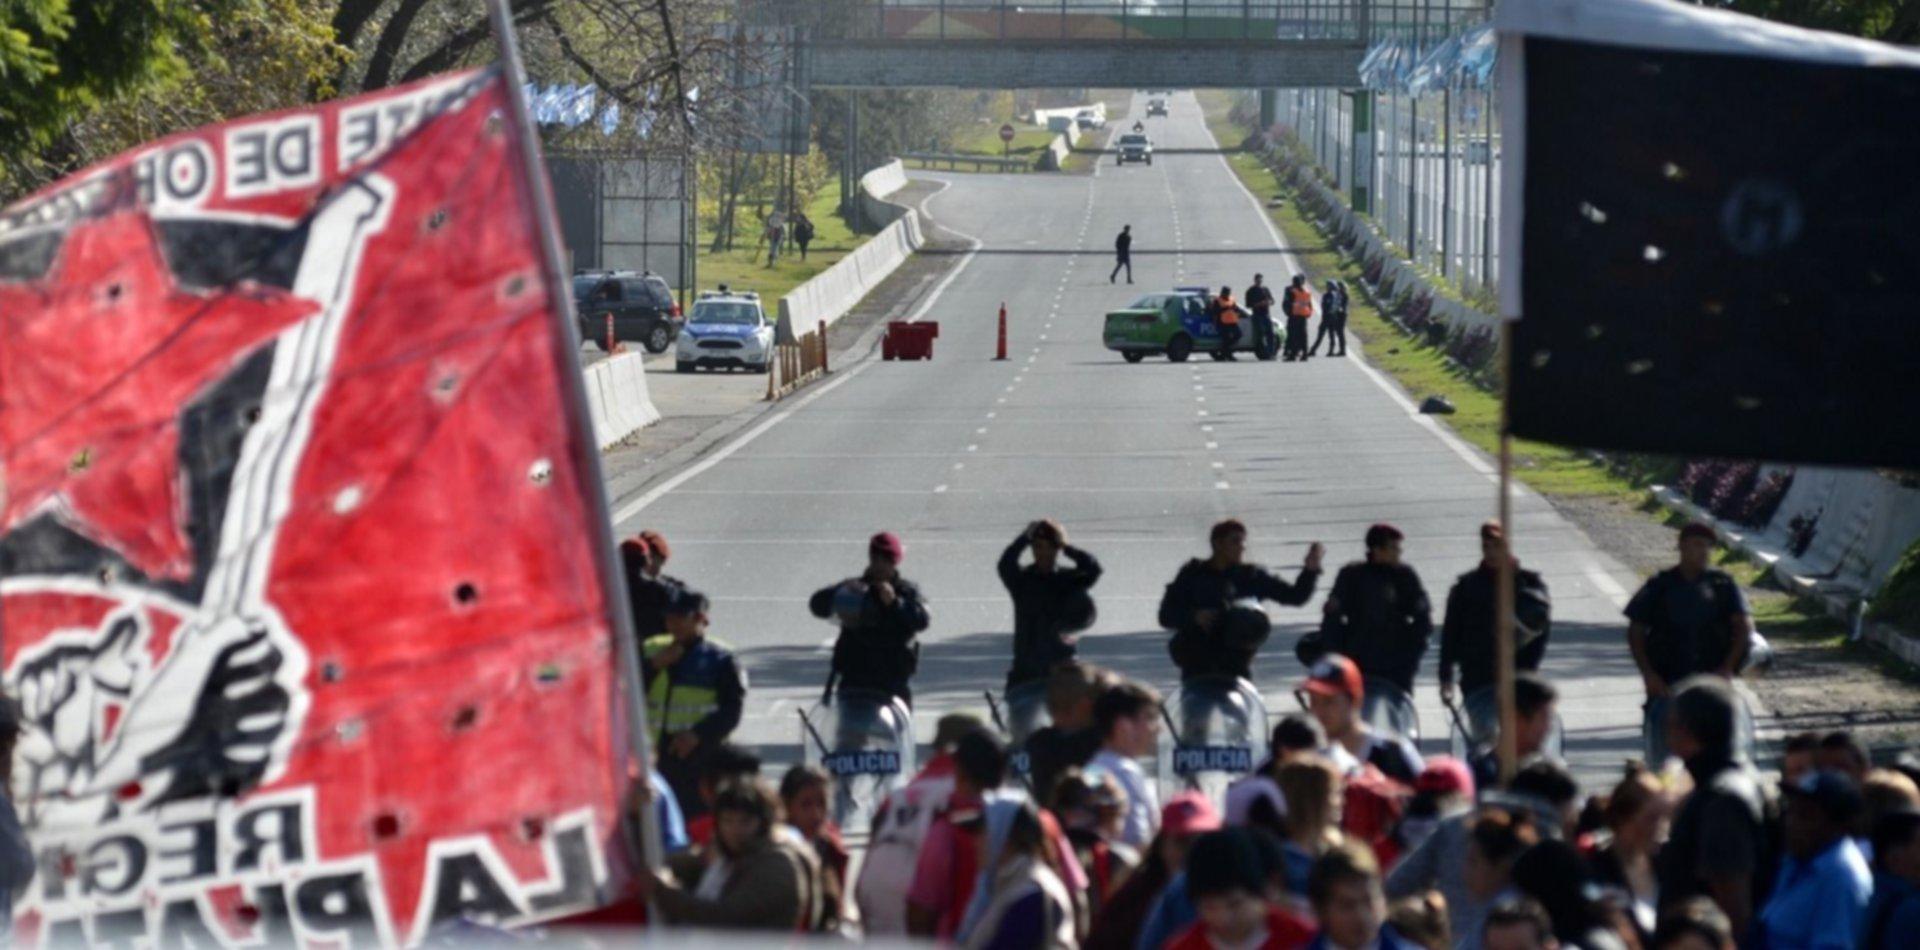 Caos para viajar a Capital Federal: piqueteros cortan la Autopista La Plata-Buenos Aires